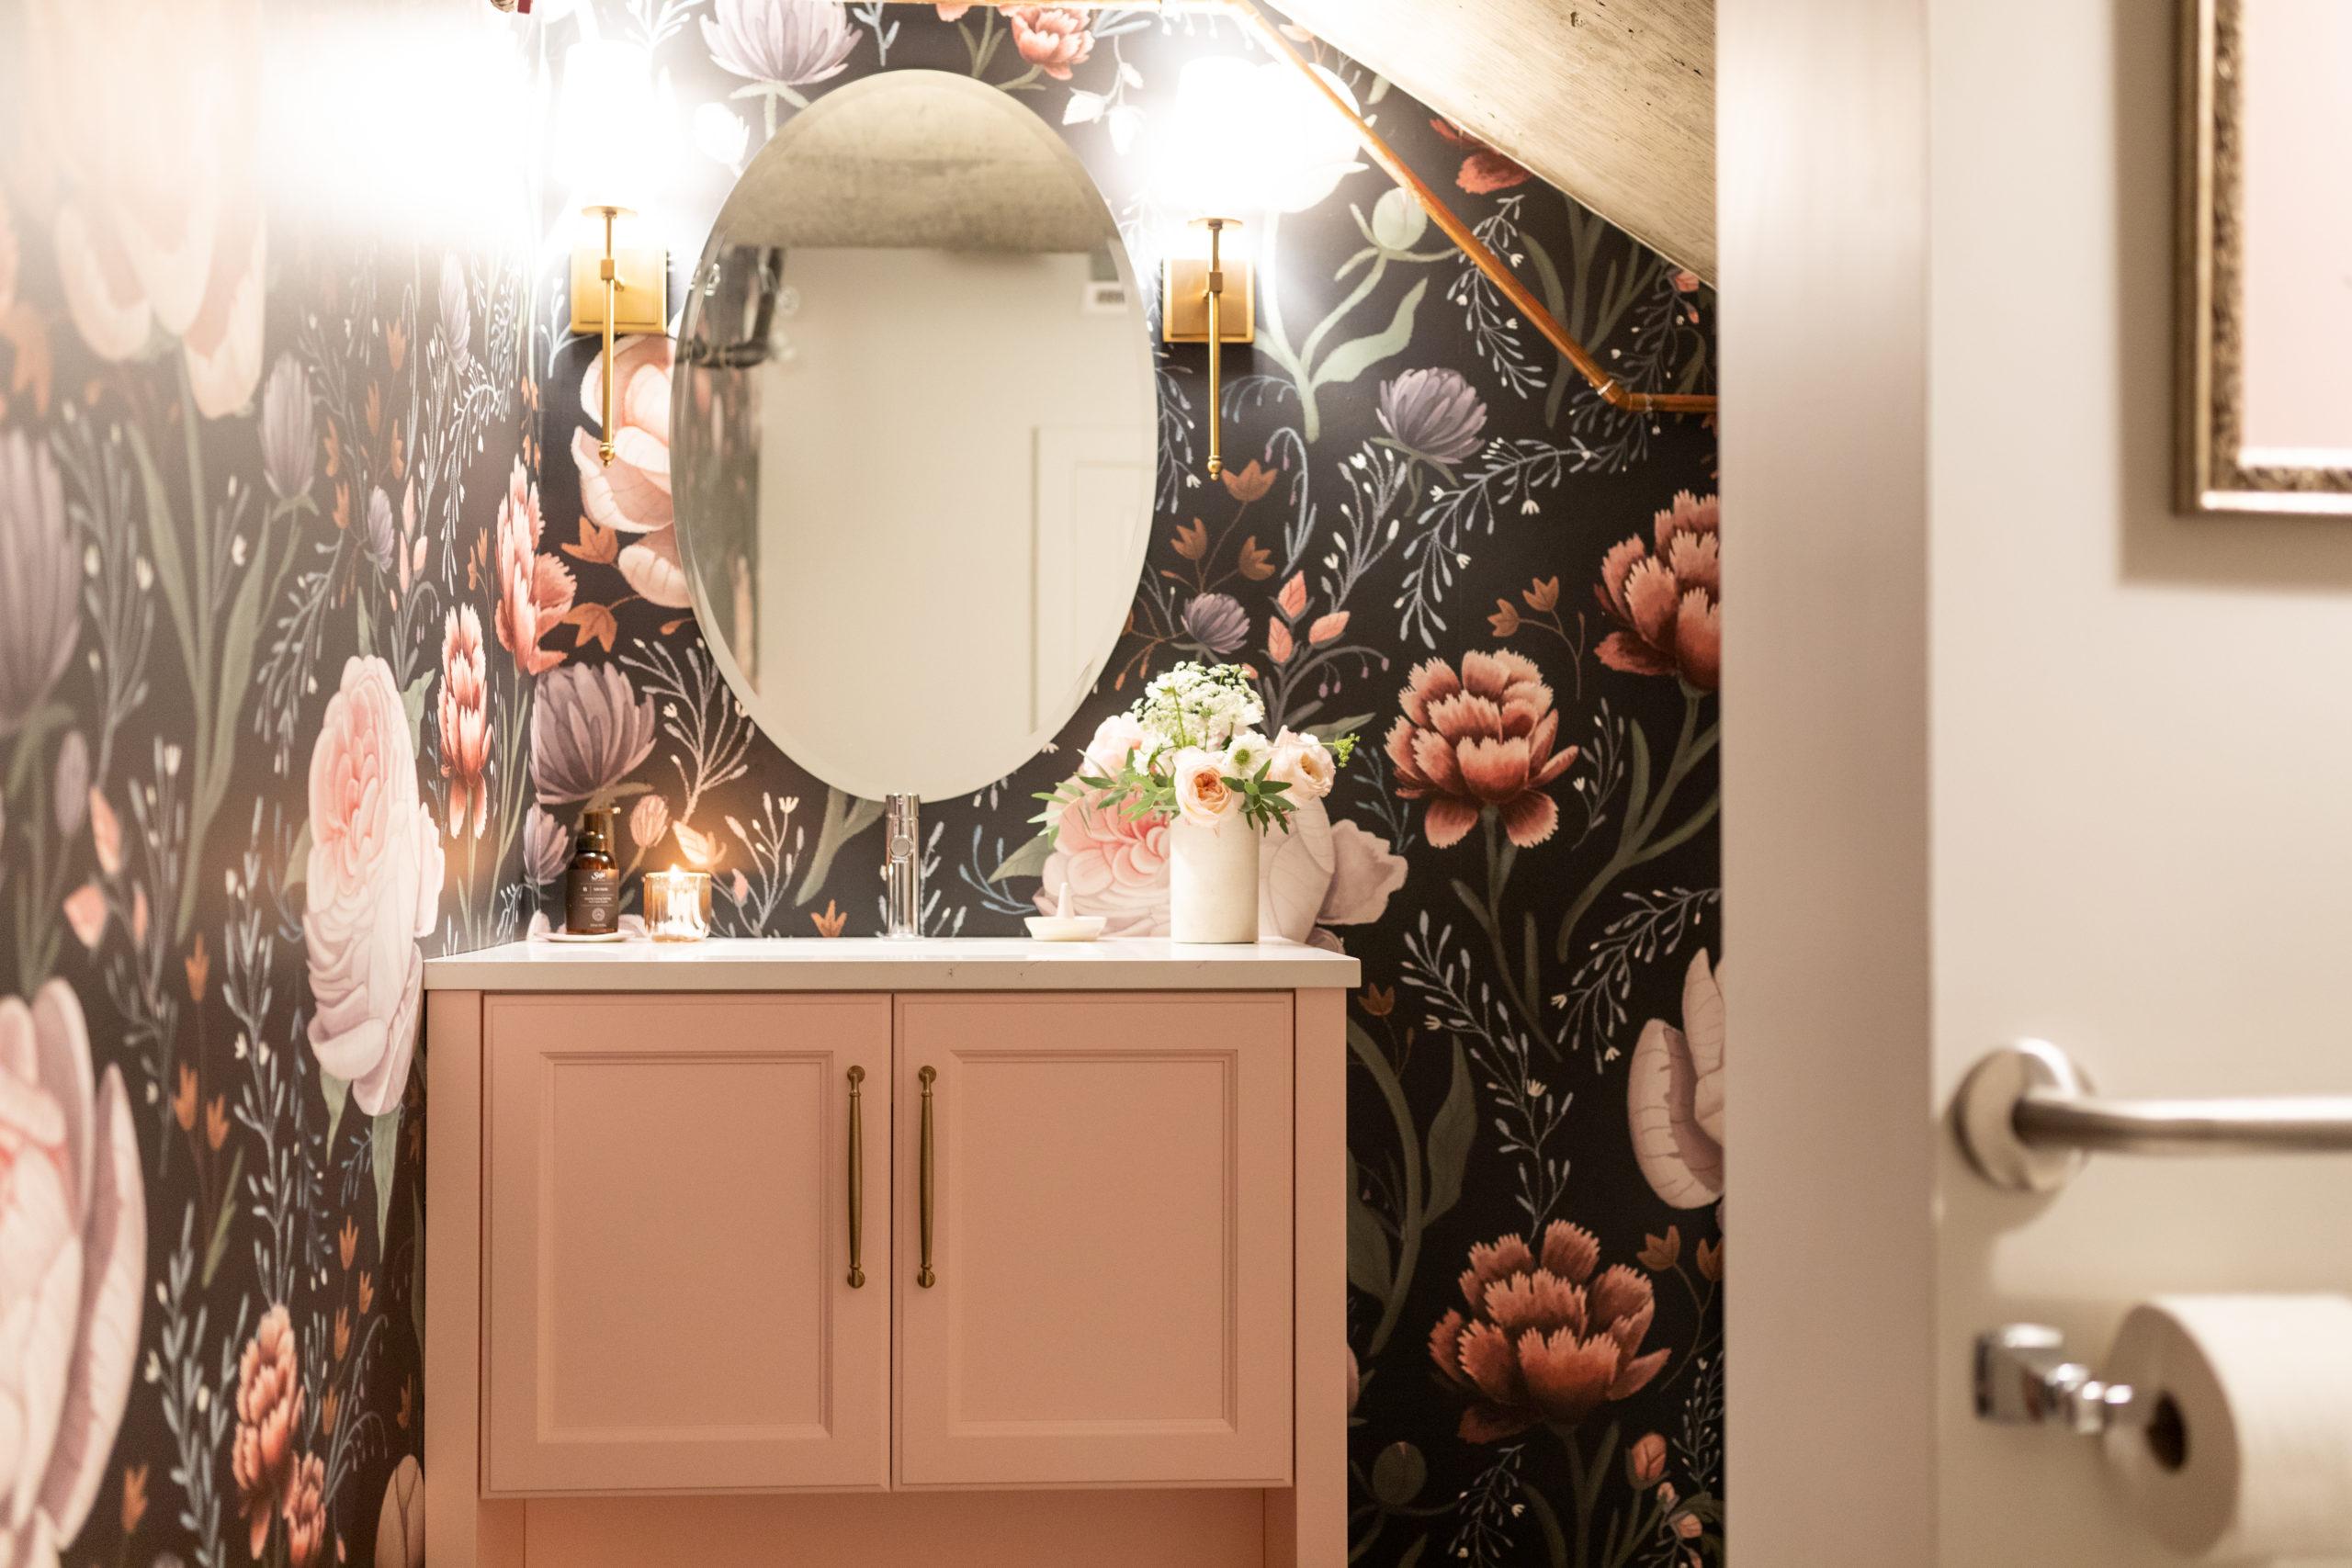 A feminine, dramatic and moody bathroom design